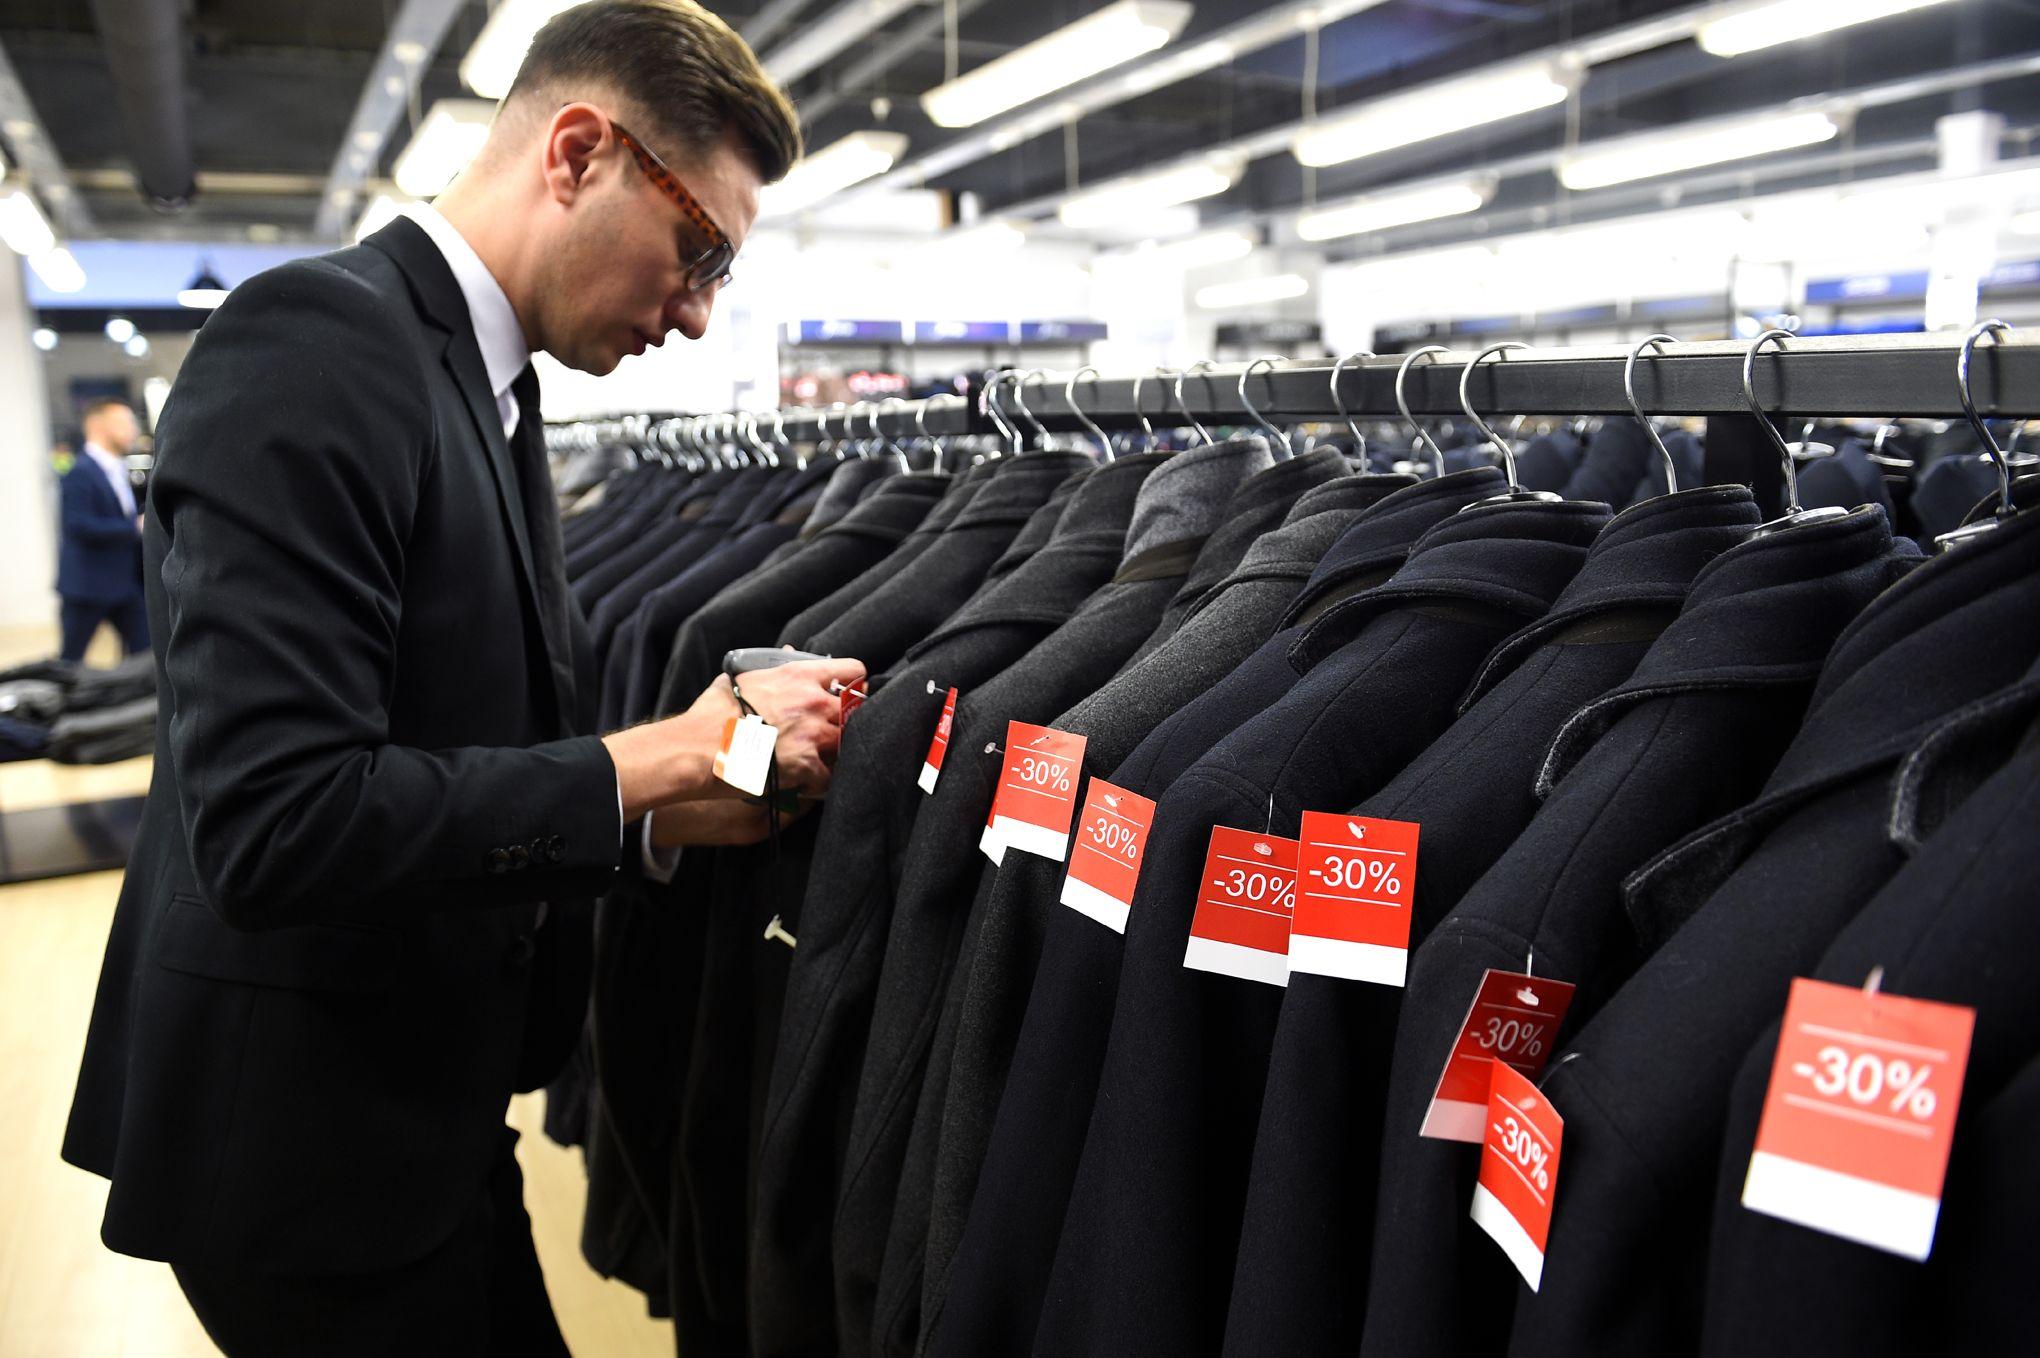 487e49e07b20 Vêtements invendus: le gouvernement veut imposer des amendes aux marques  qui les jettent